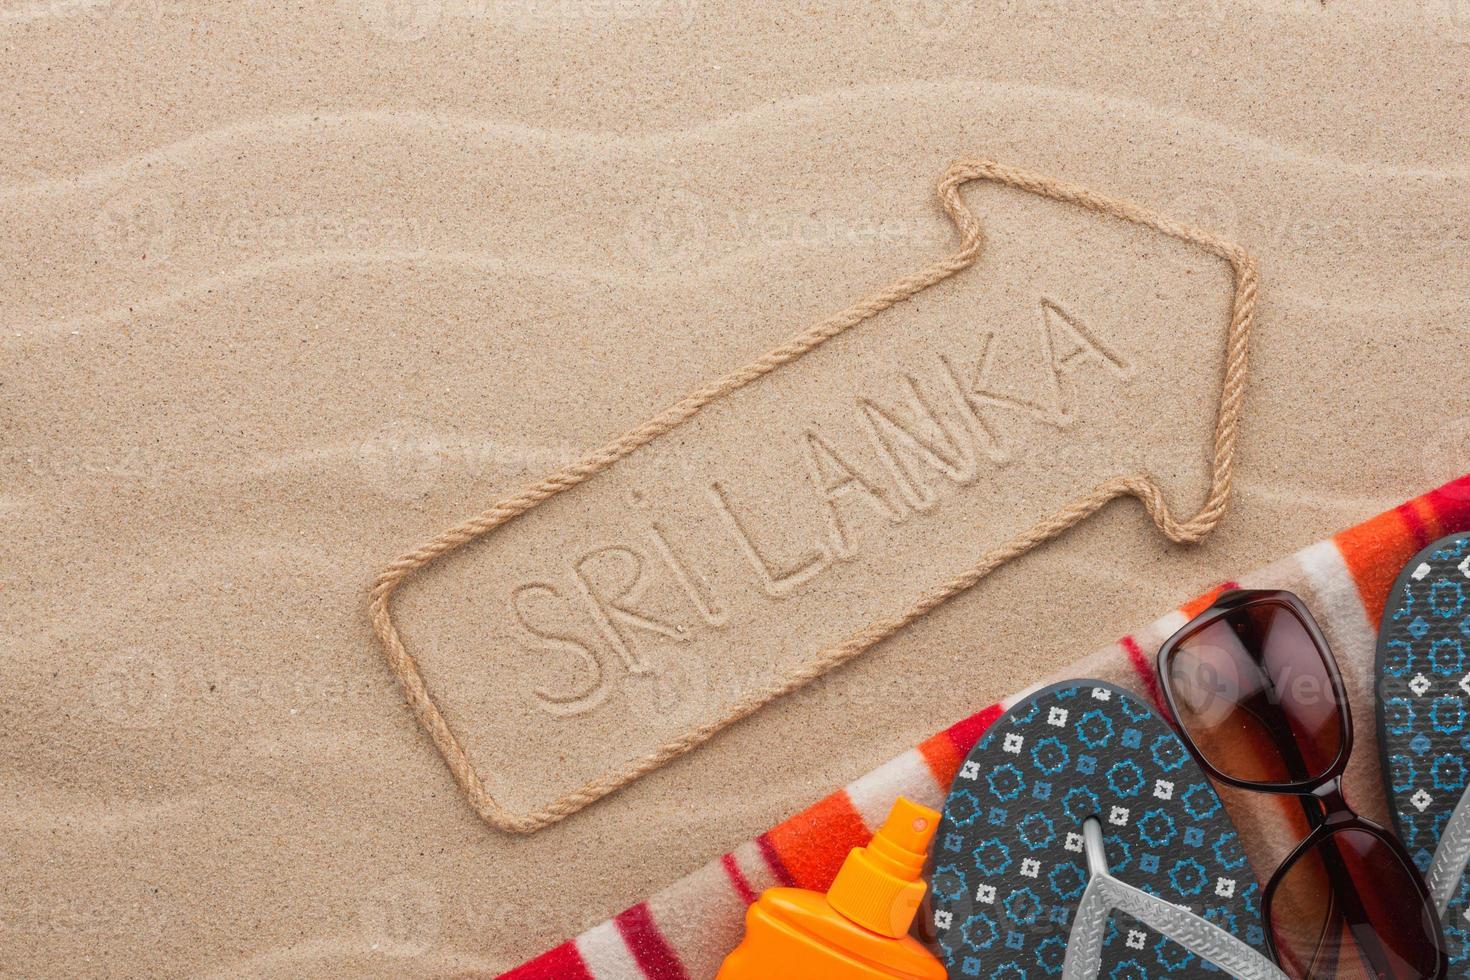 sri lanka aanwijzer en strandaccessoires liggend op het zand foto